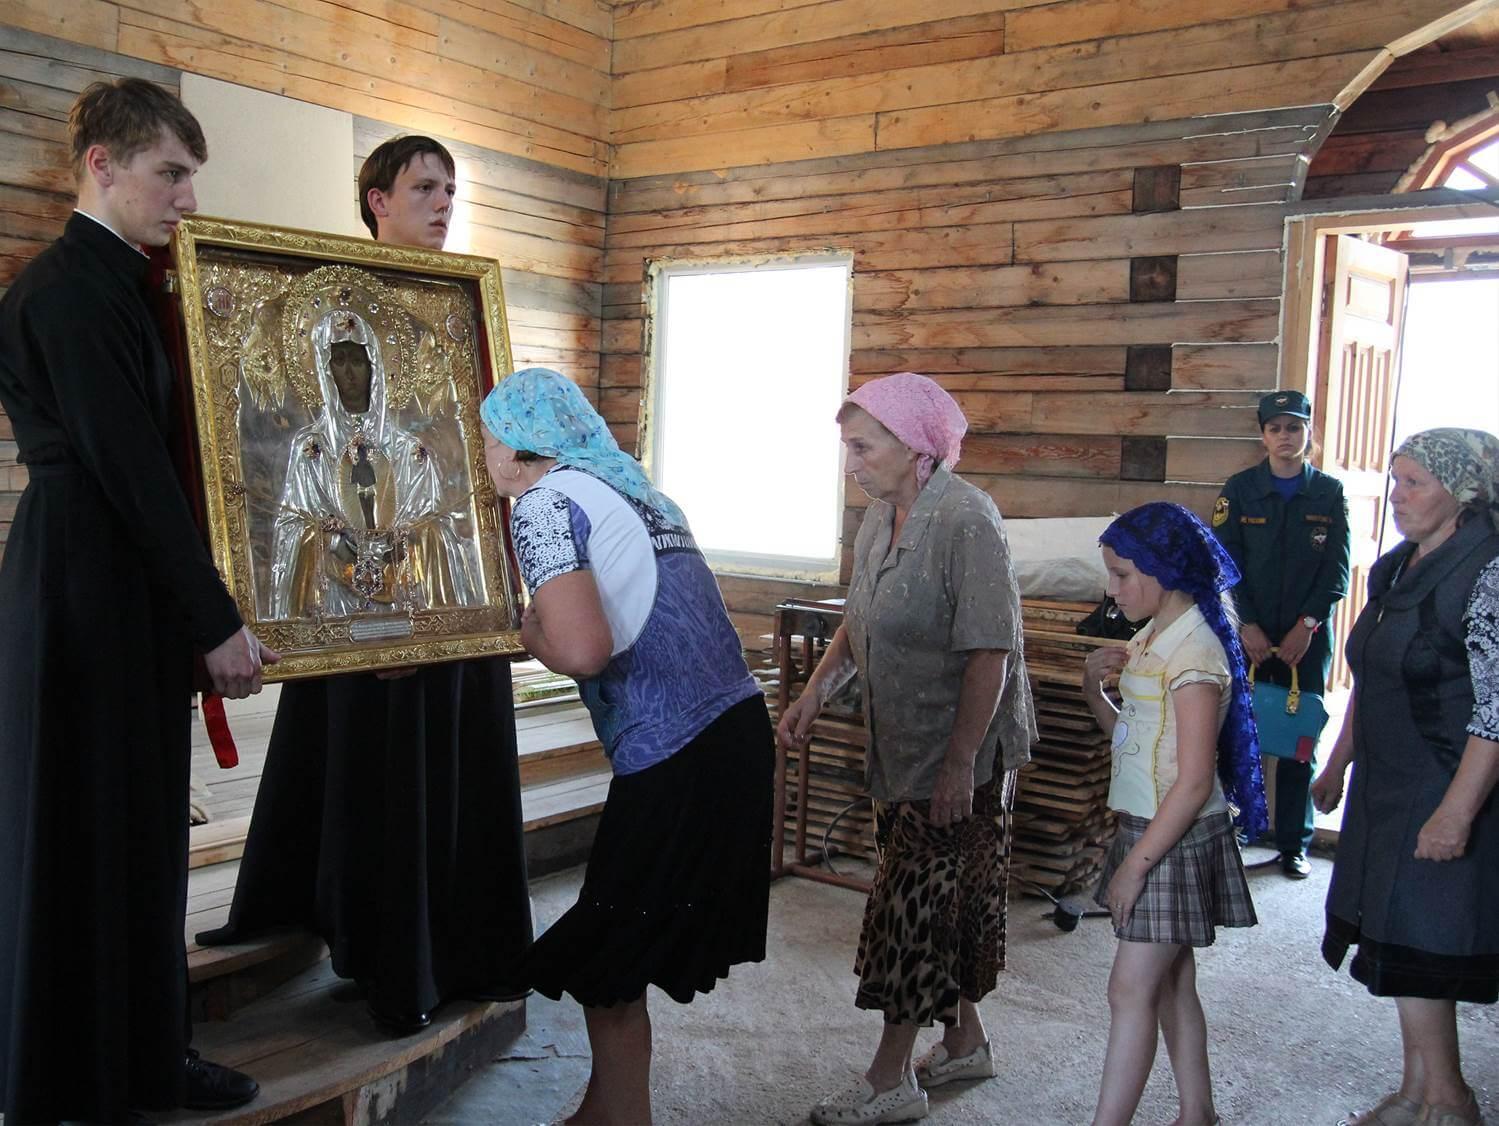 14 августа 2013 Архара, Архаринский район. Строящийся храм в честь Новомучеников и исповедников Церкви Русской